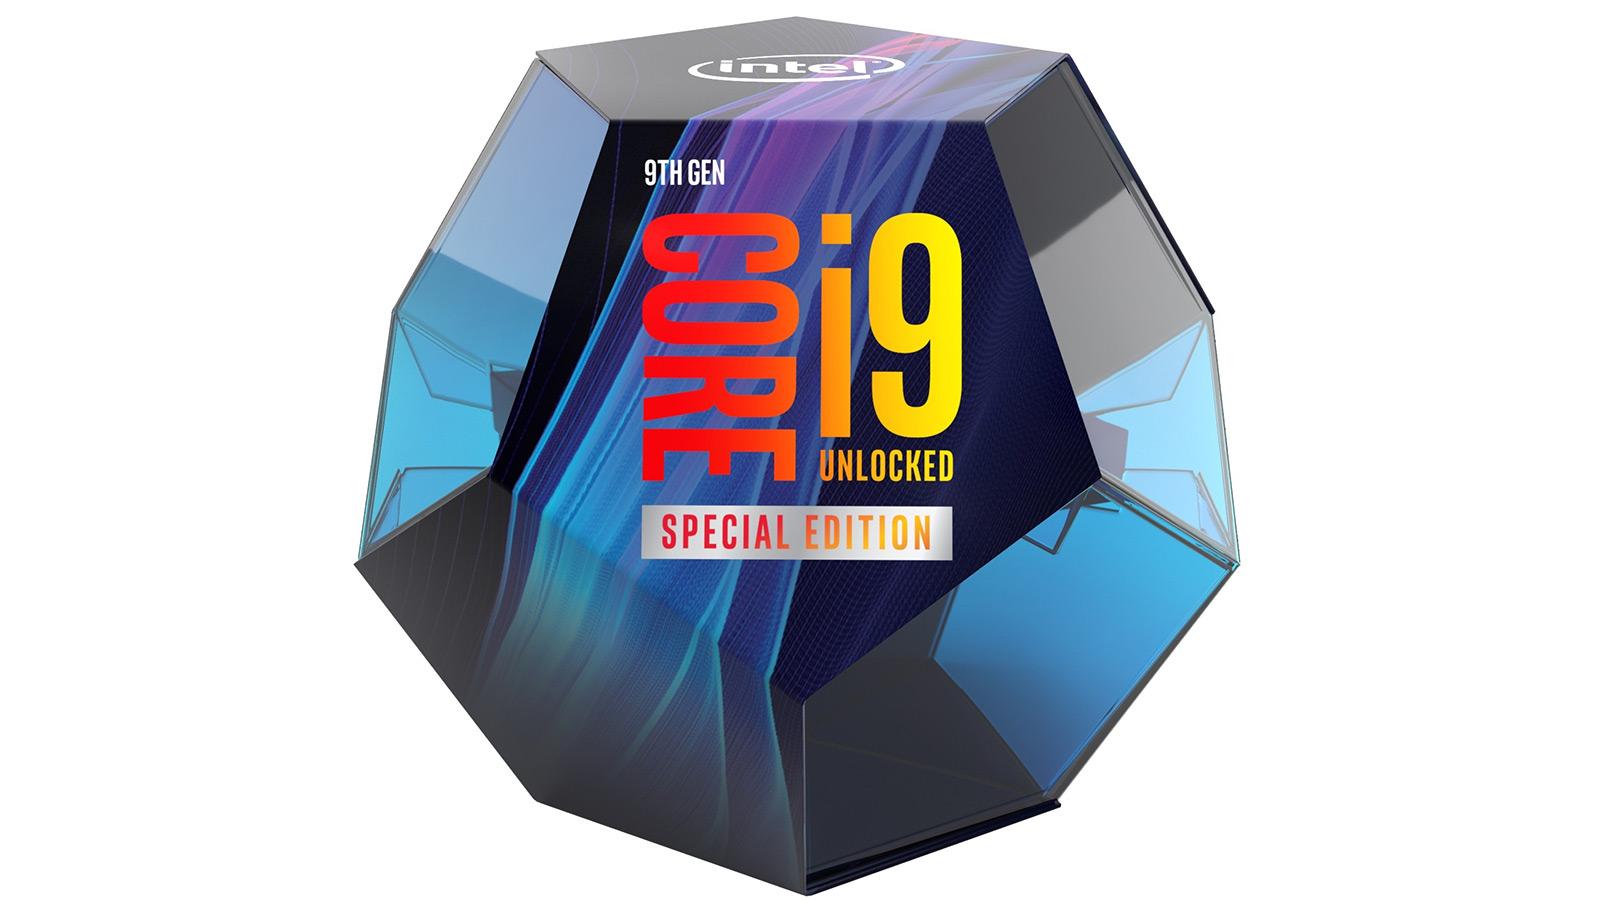 Intel Core i9-9900KS merkatutik poliki desagertzen ari da